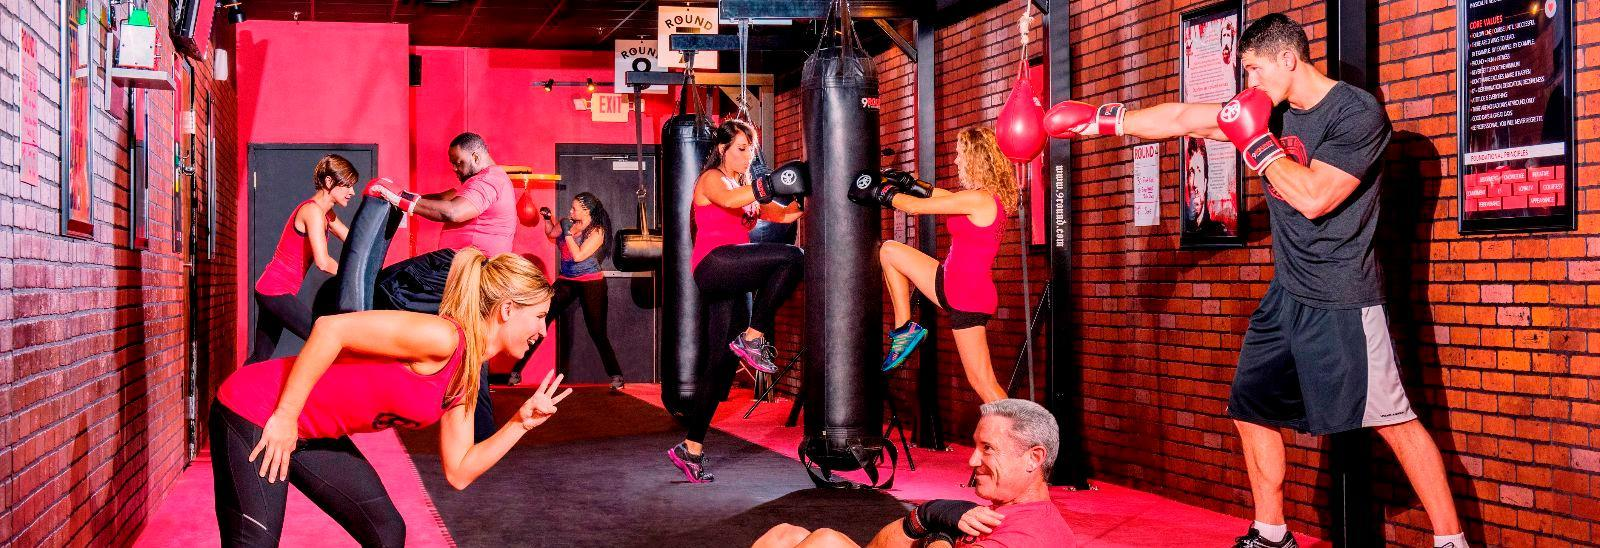 9Round 30 Min Kickbox Fitness main banner image - Bonney Lake, WA